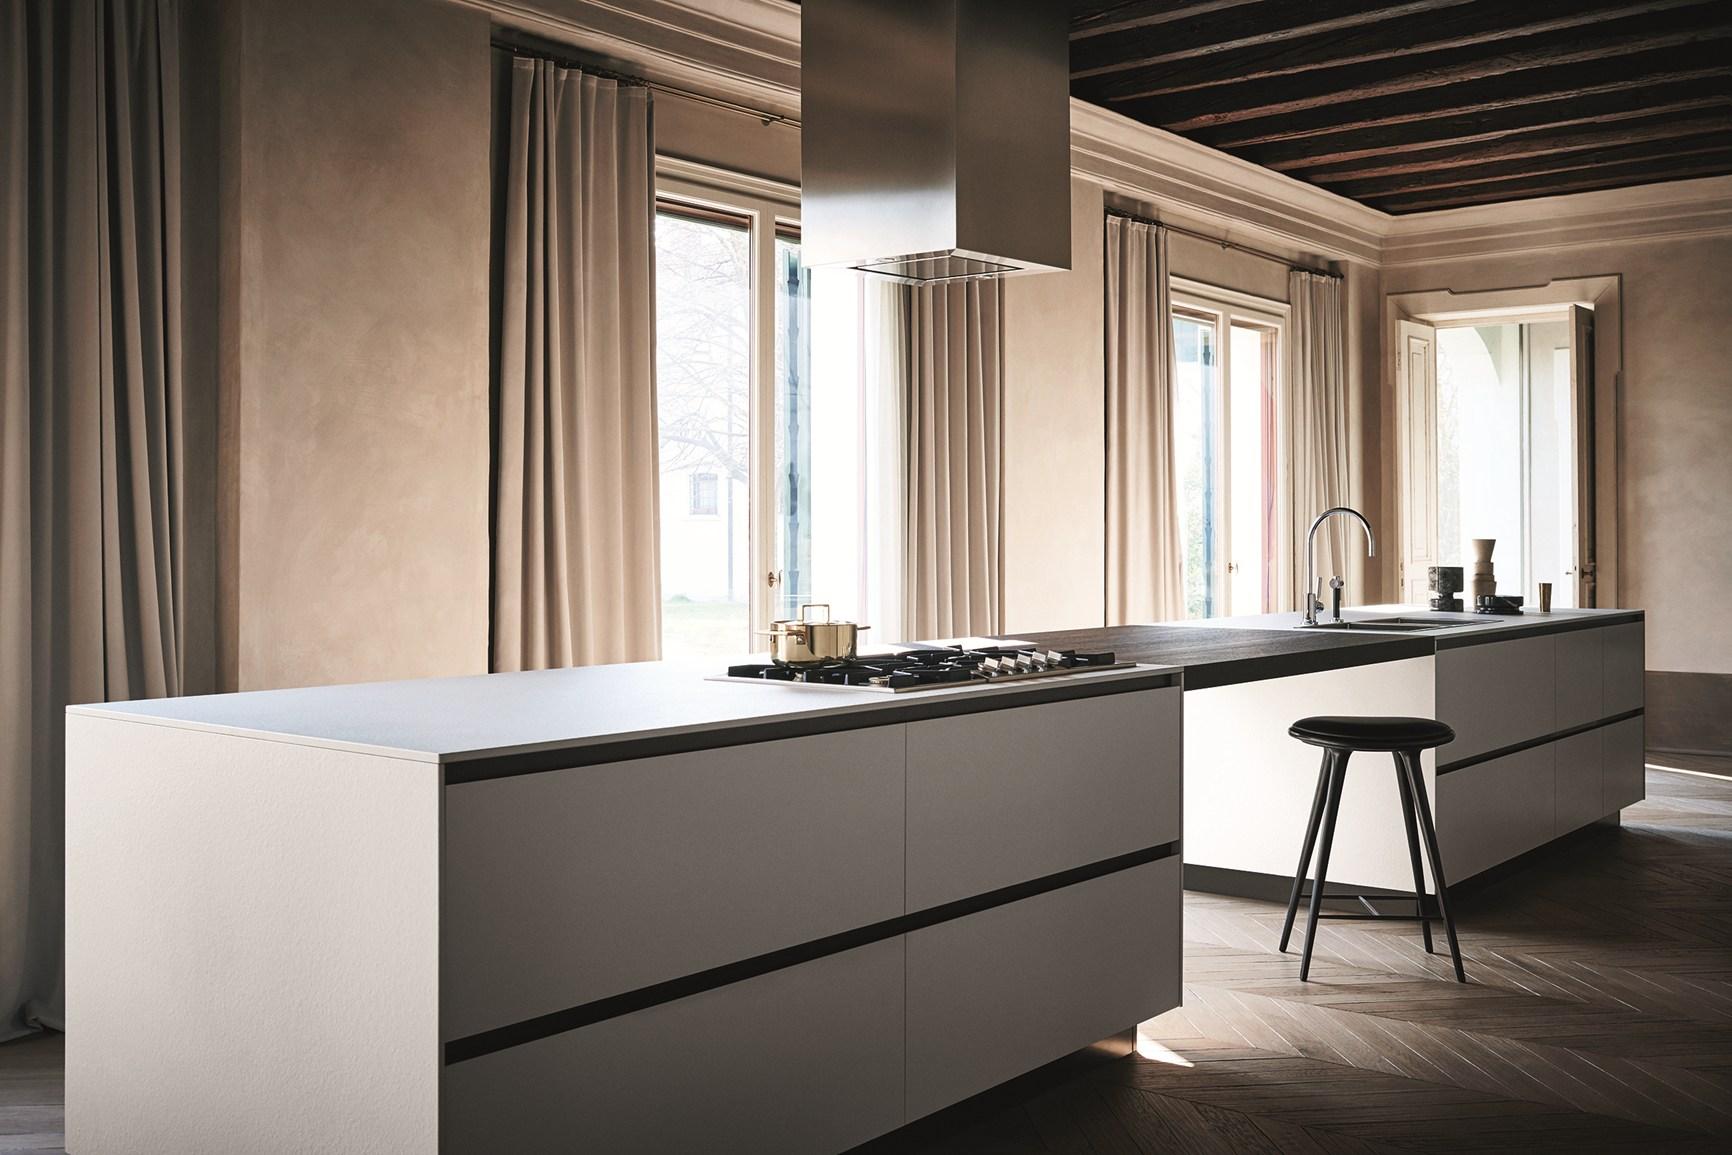 Ceramica alluminio rovere la cucina secondo cesar for Cesar arredamenti